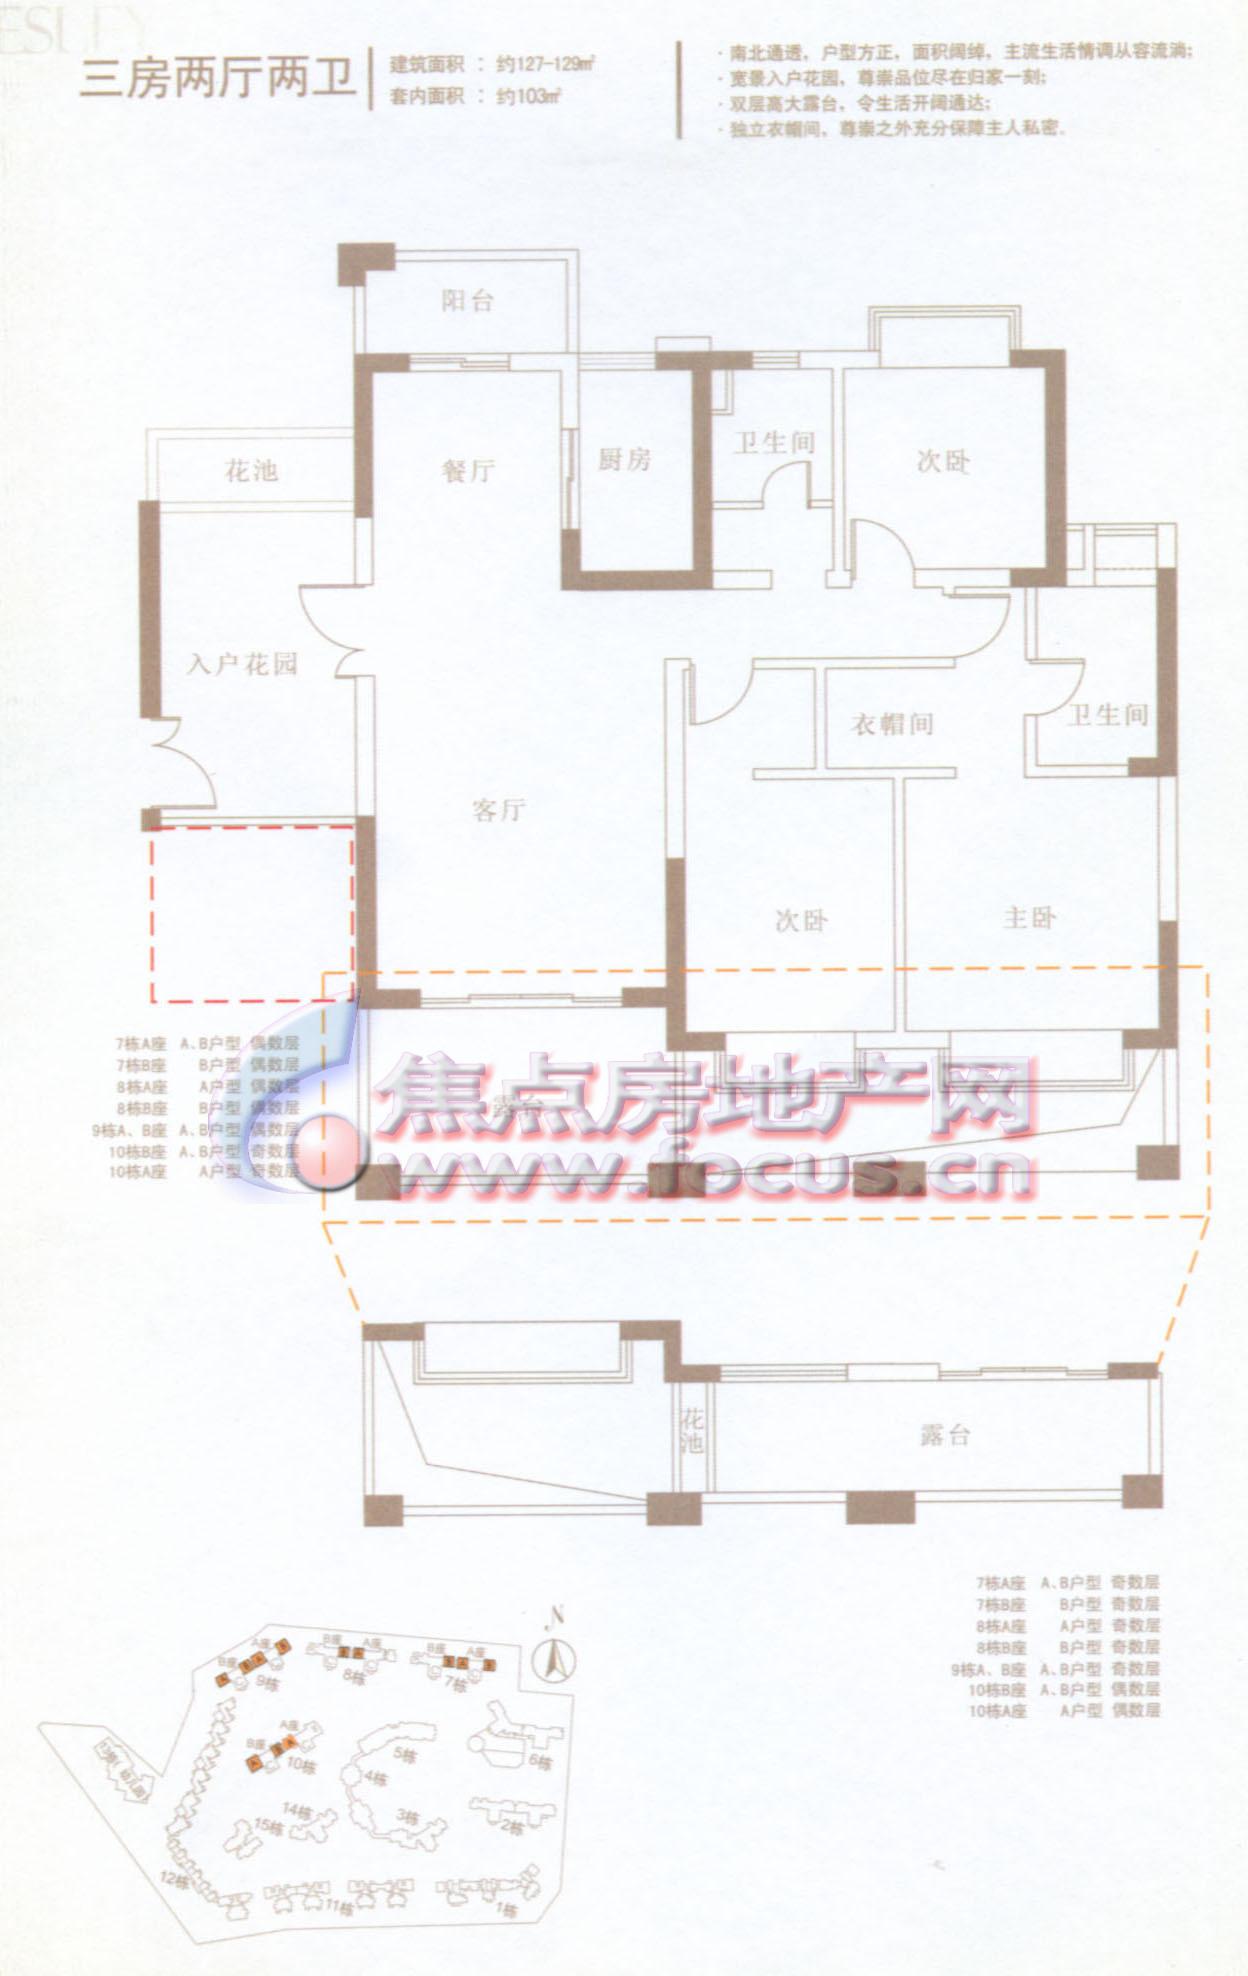 中海西岸华府3房2厅2卫127-129平方米